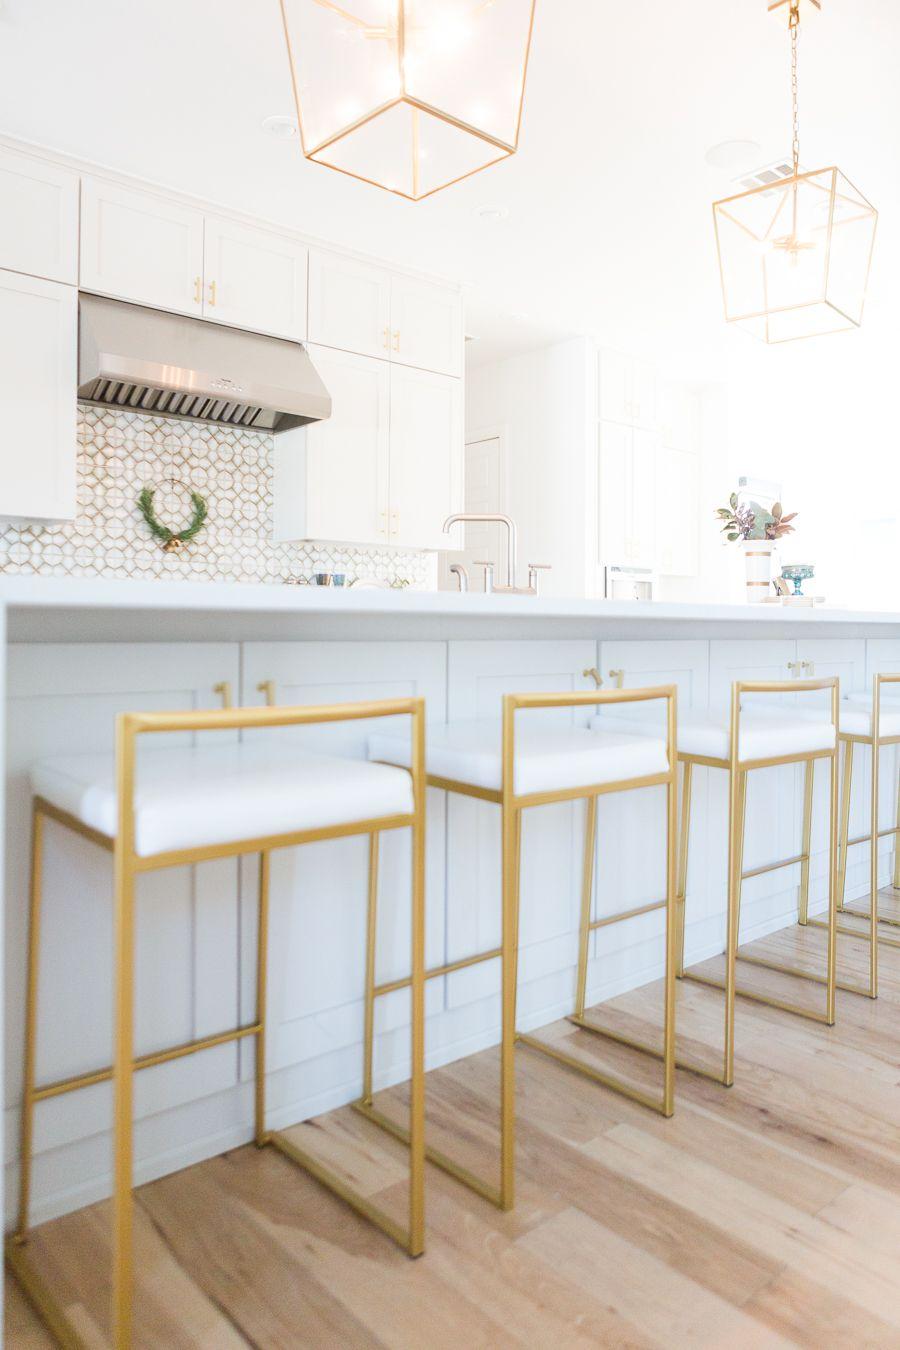 9 Affordable Gold Bar Stools for Home Design large quartz ...